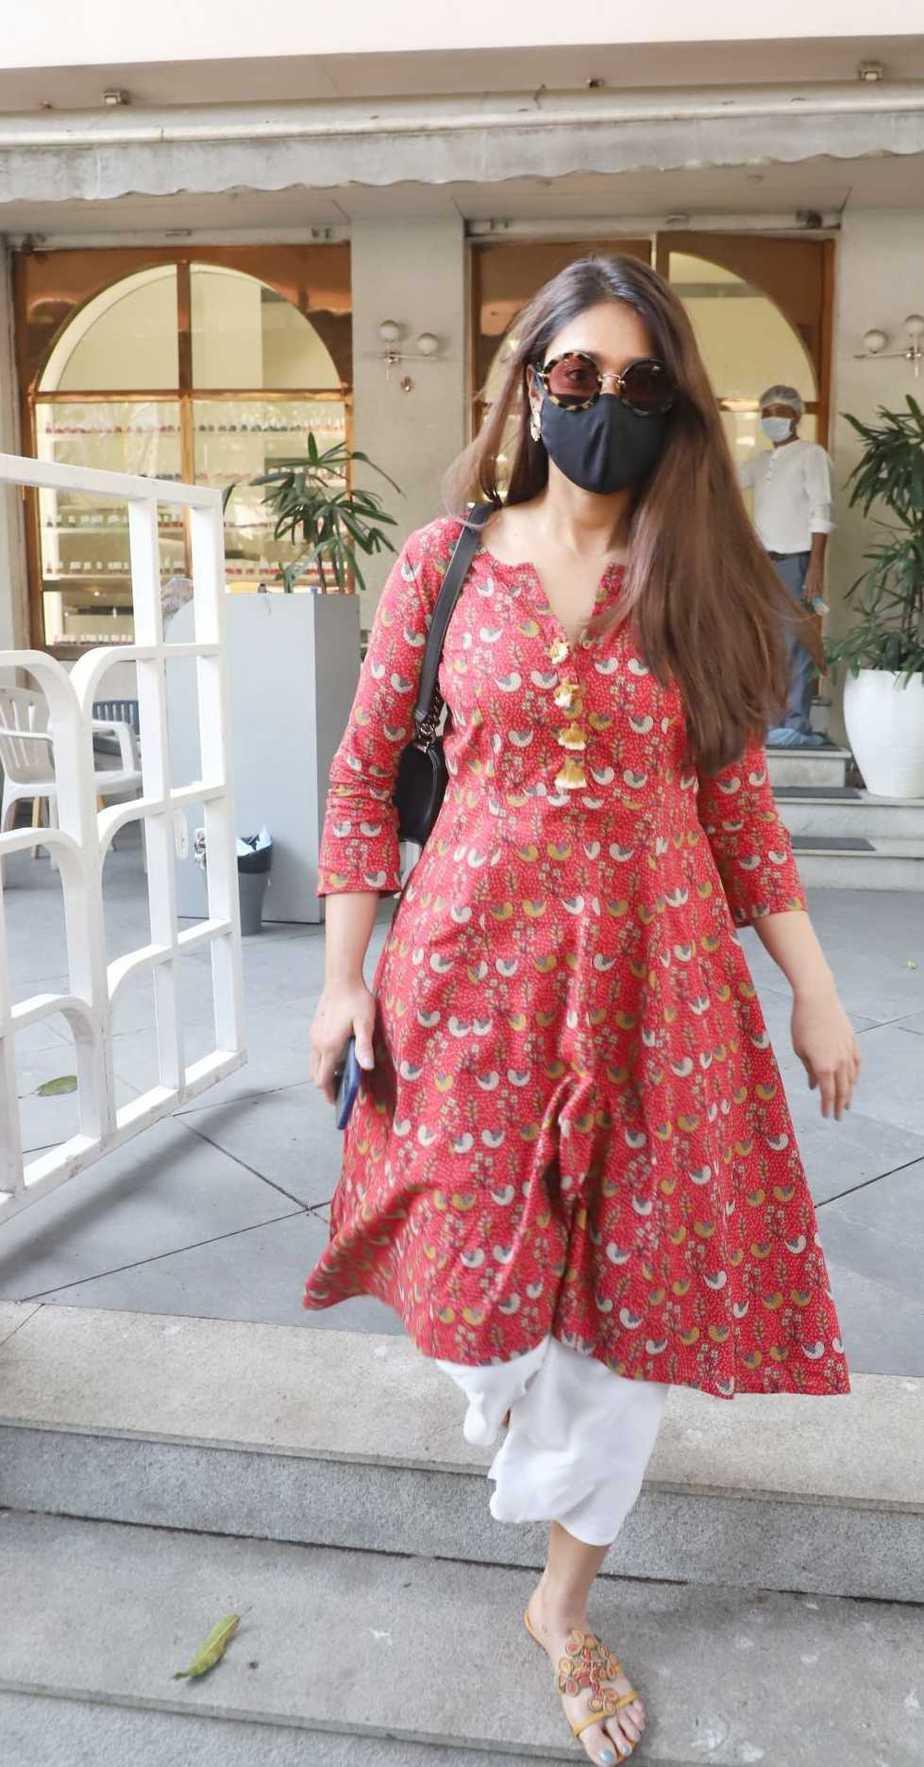 Ileana D' Cruz in brick red kurta spotted in Bandra